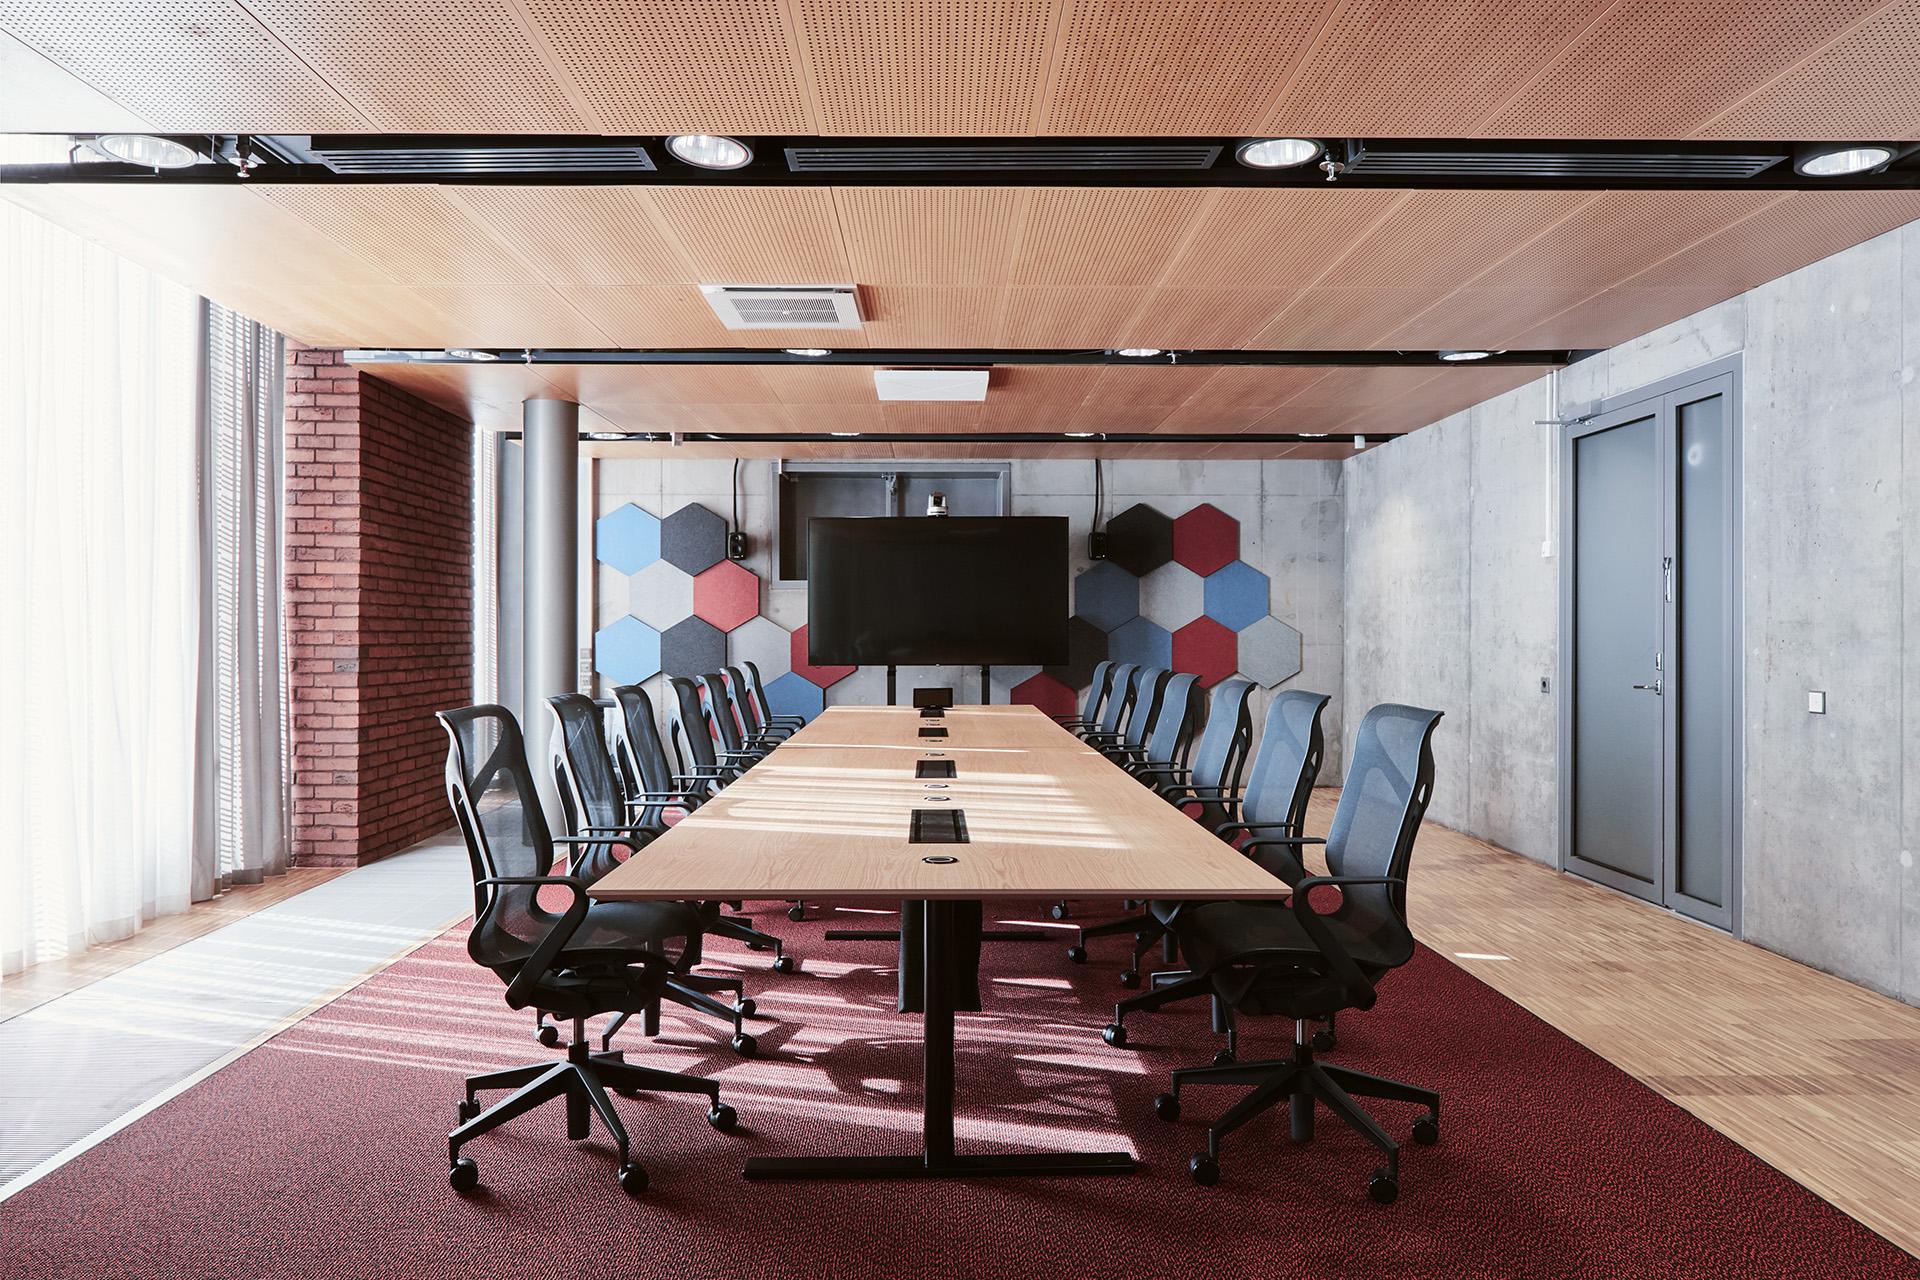 Neuvotteluhuoneen sisustus kunnioittaa tilan arkkitehtuuria.